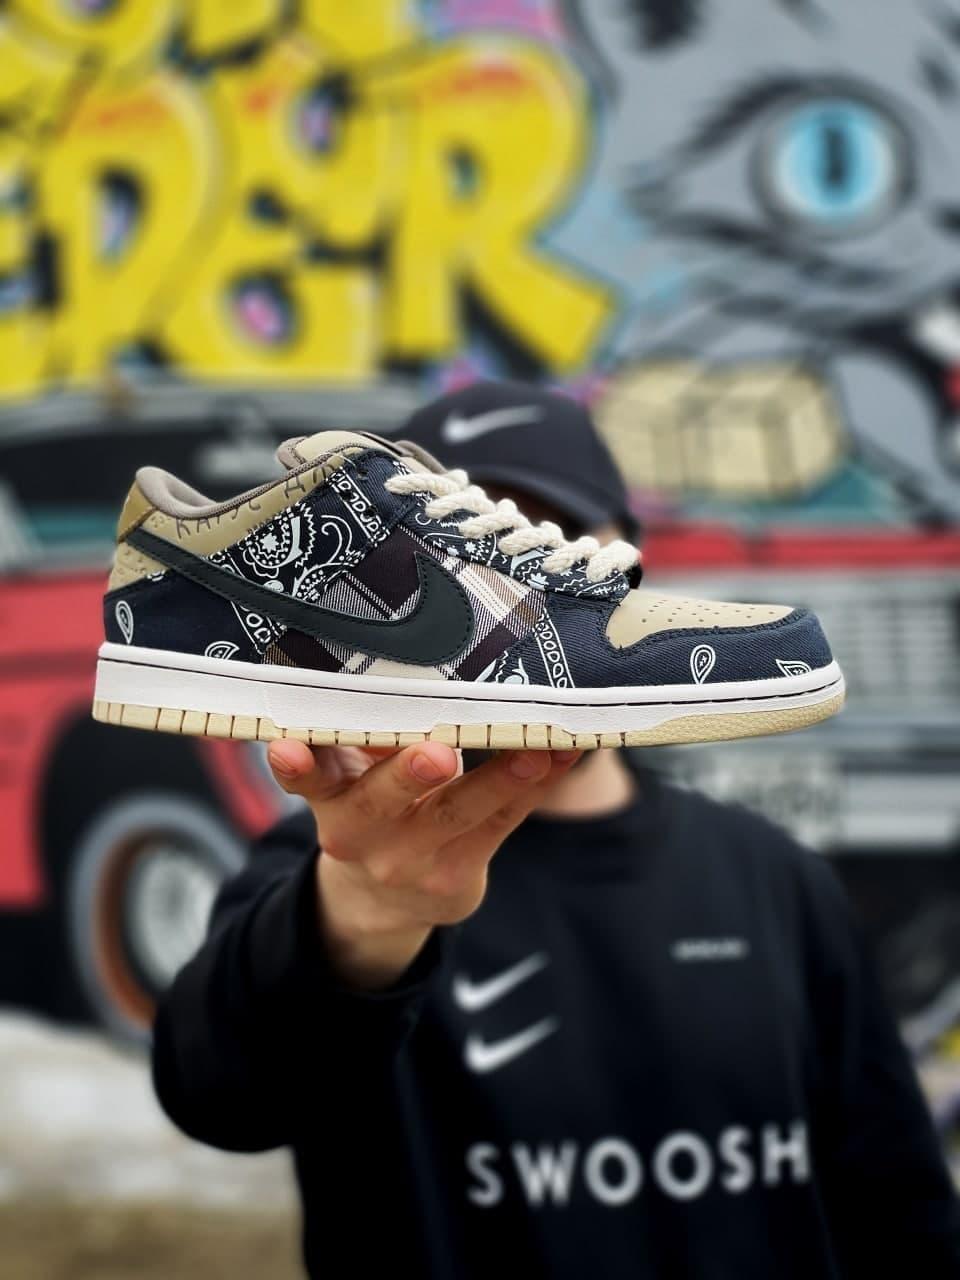 Женские кроссовки Nike SB Dunk low x Travis Scott cactus jack (черно-песочный) спортивная обувь J3246